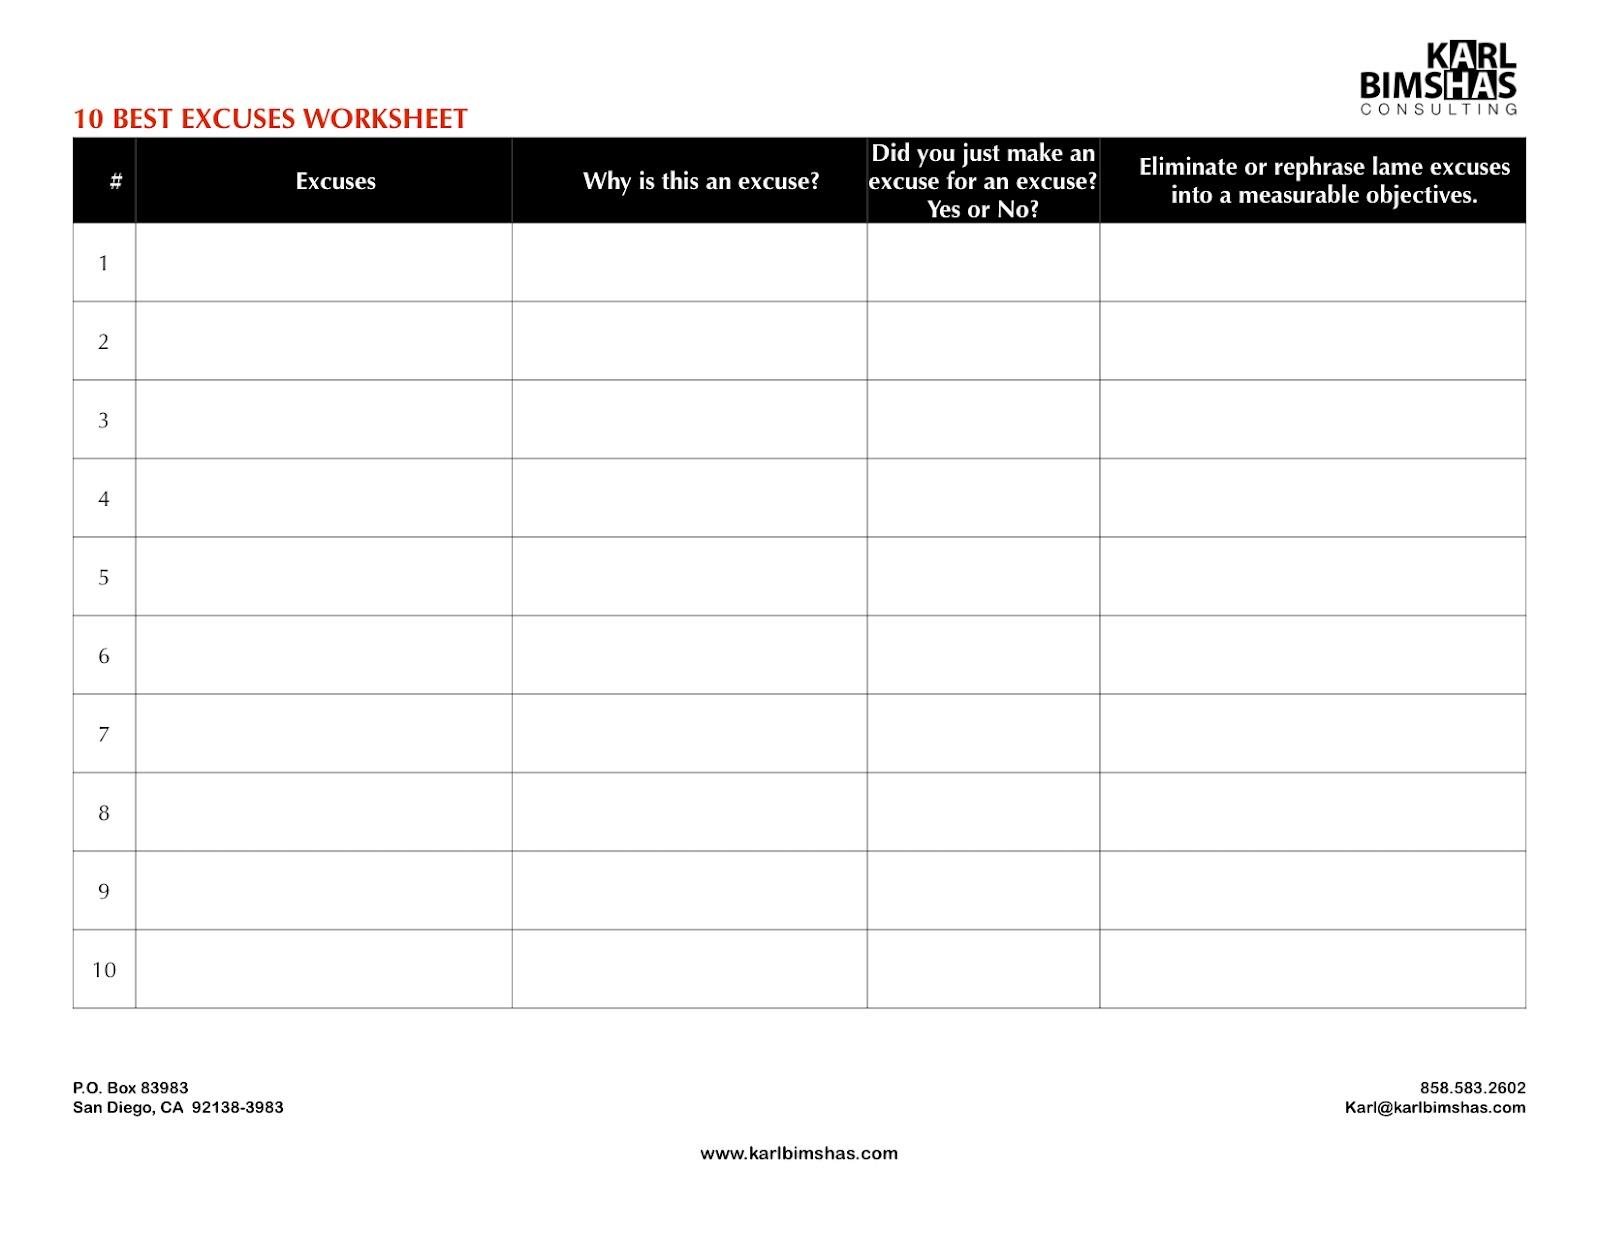 karl with a k 10 best excuses worksheet. Black Bedroom Furniture Sets. Home Design Ideas